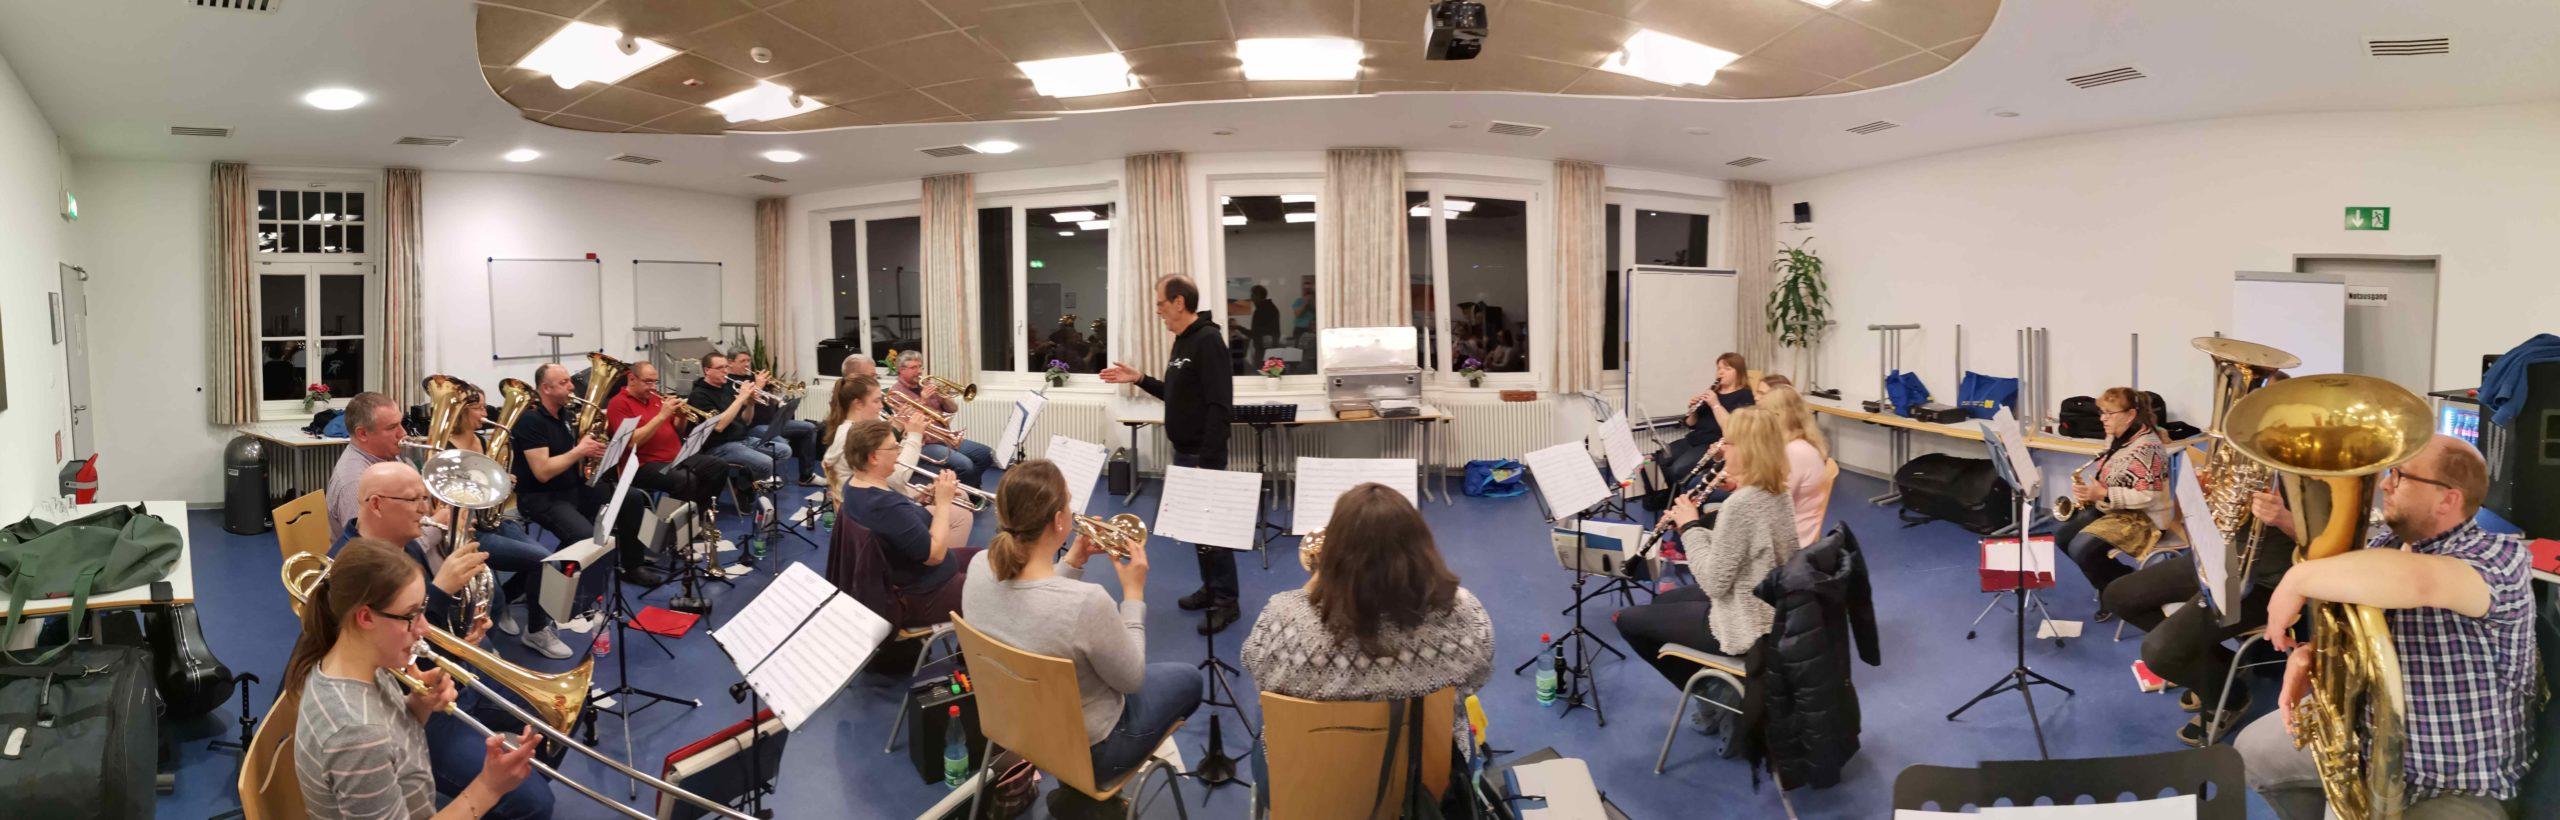 Musikzug - PWE2020 2